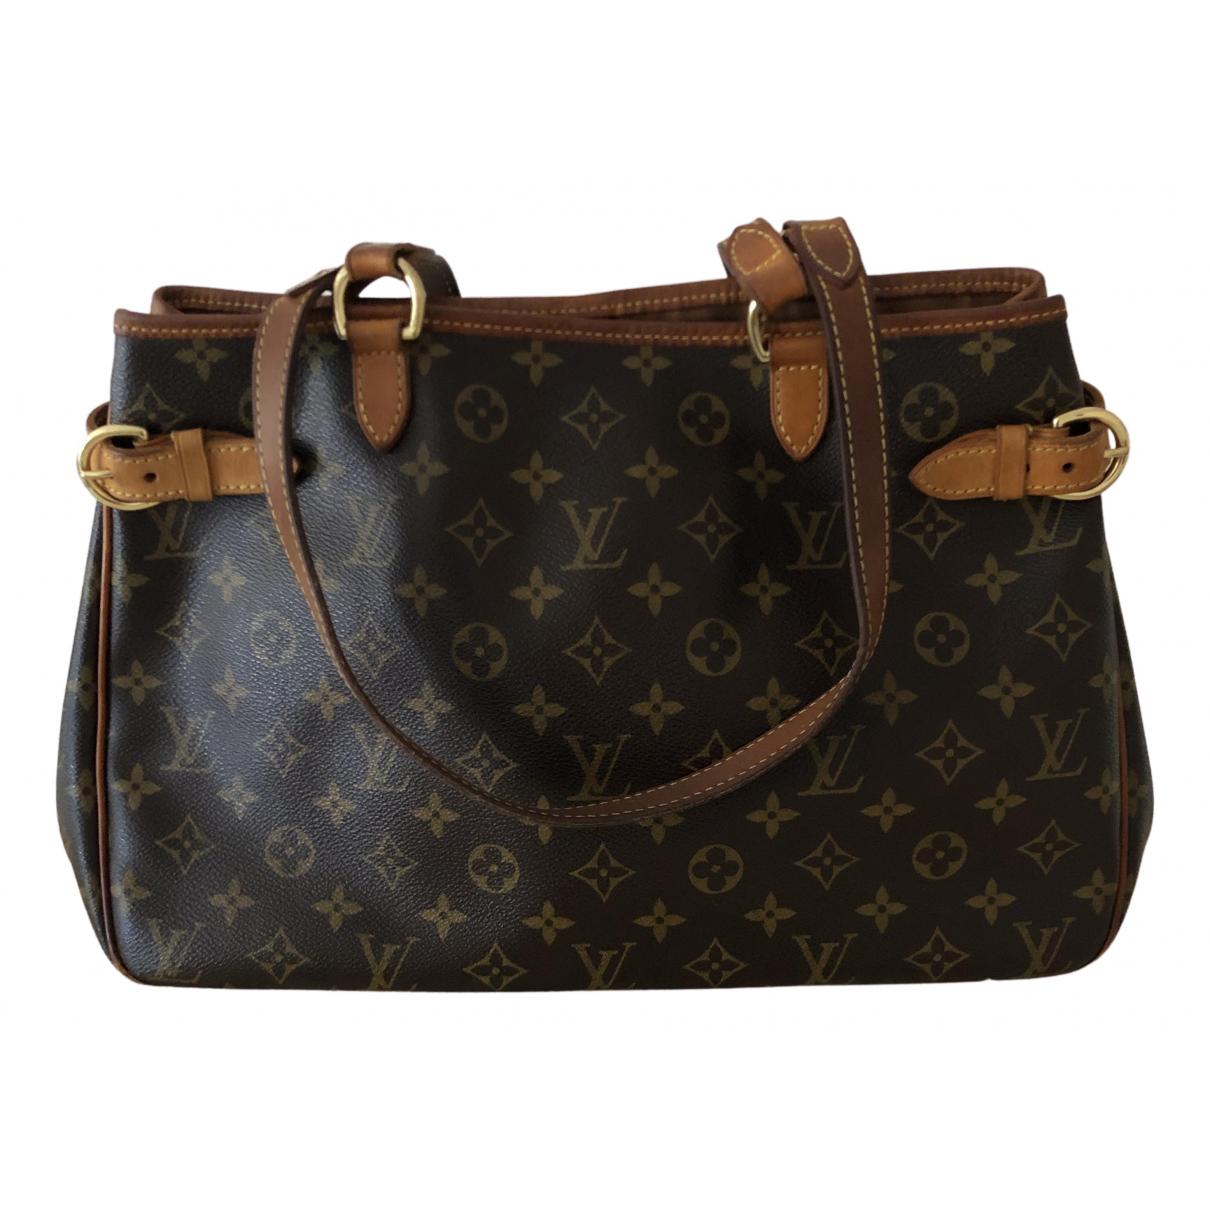 Louis Vuitton - Sac a main Batignolles pour femme en toile - marron